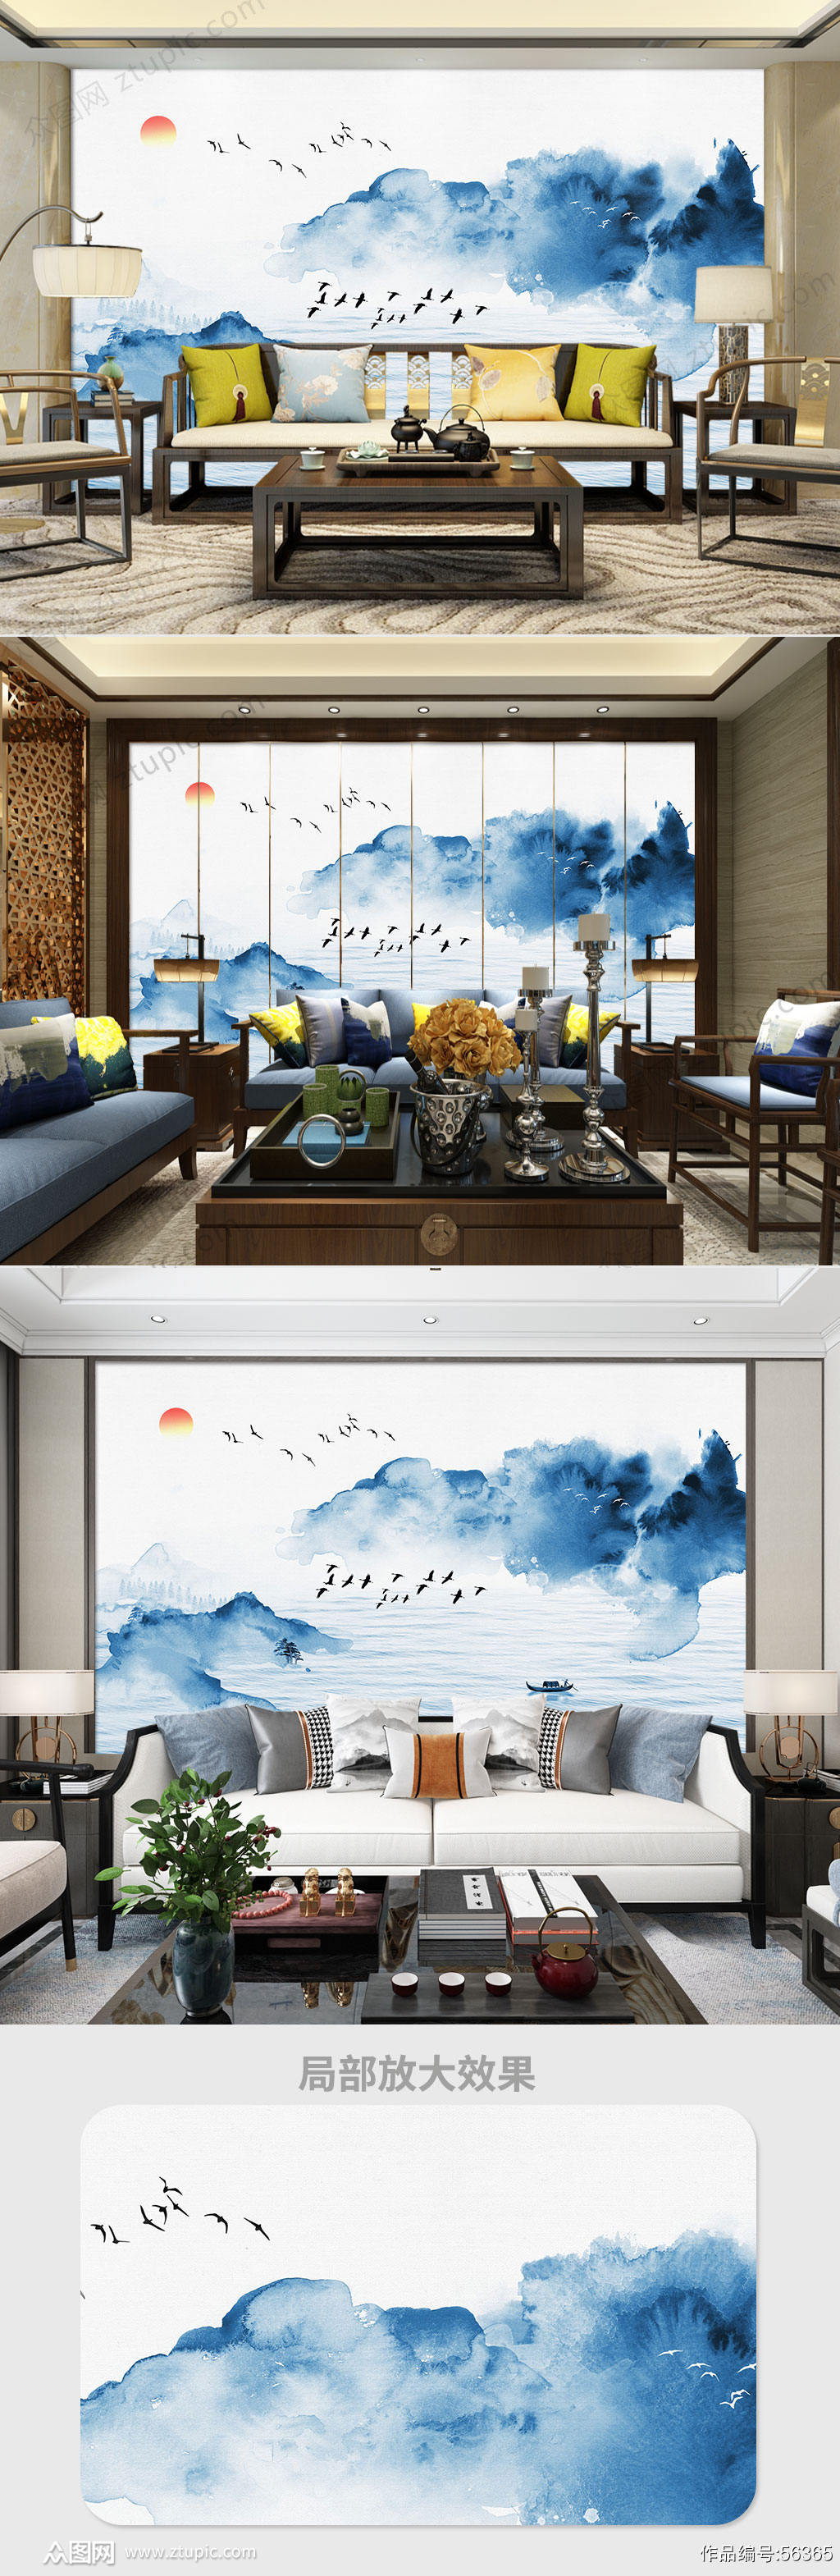 水墨山水风景电视背景墙素材